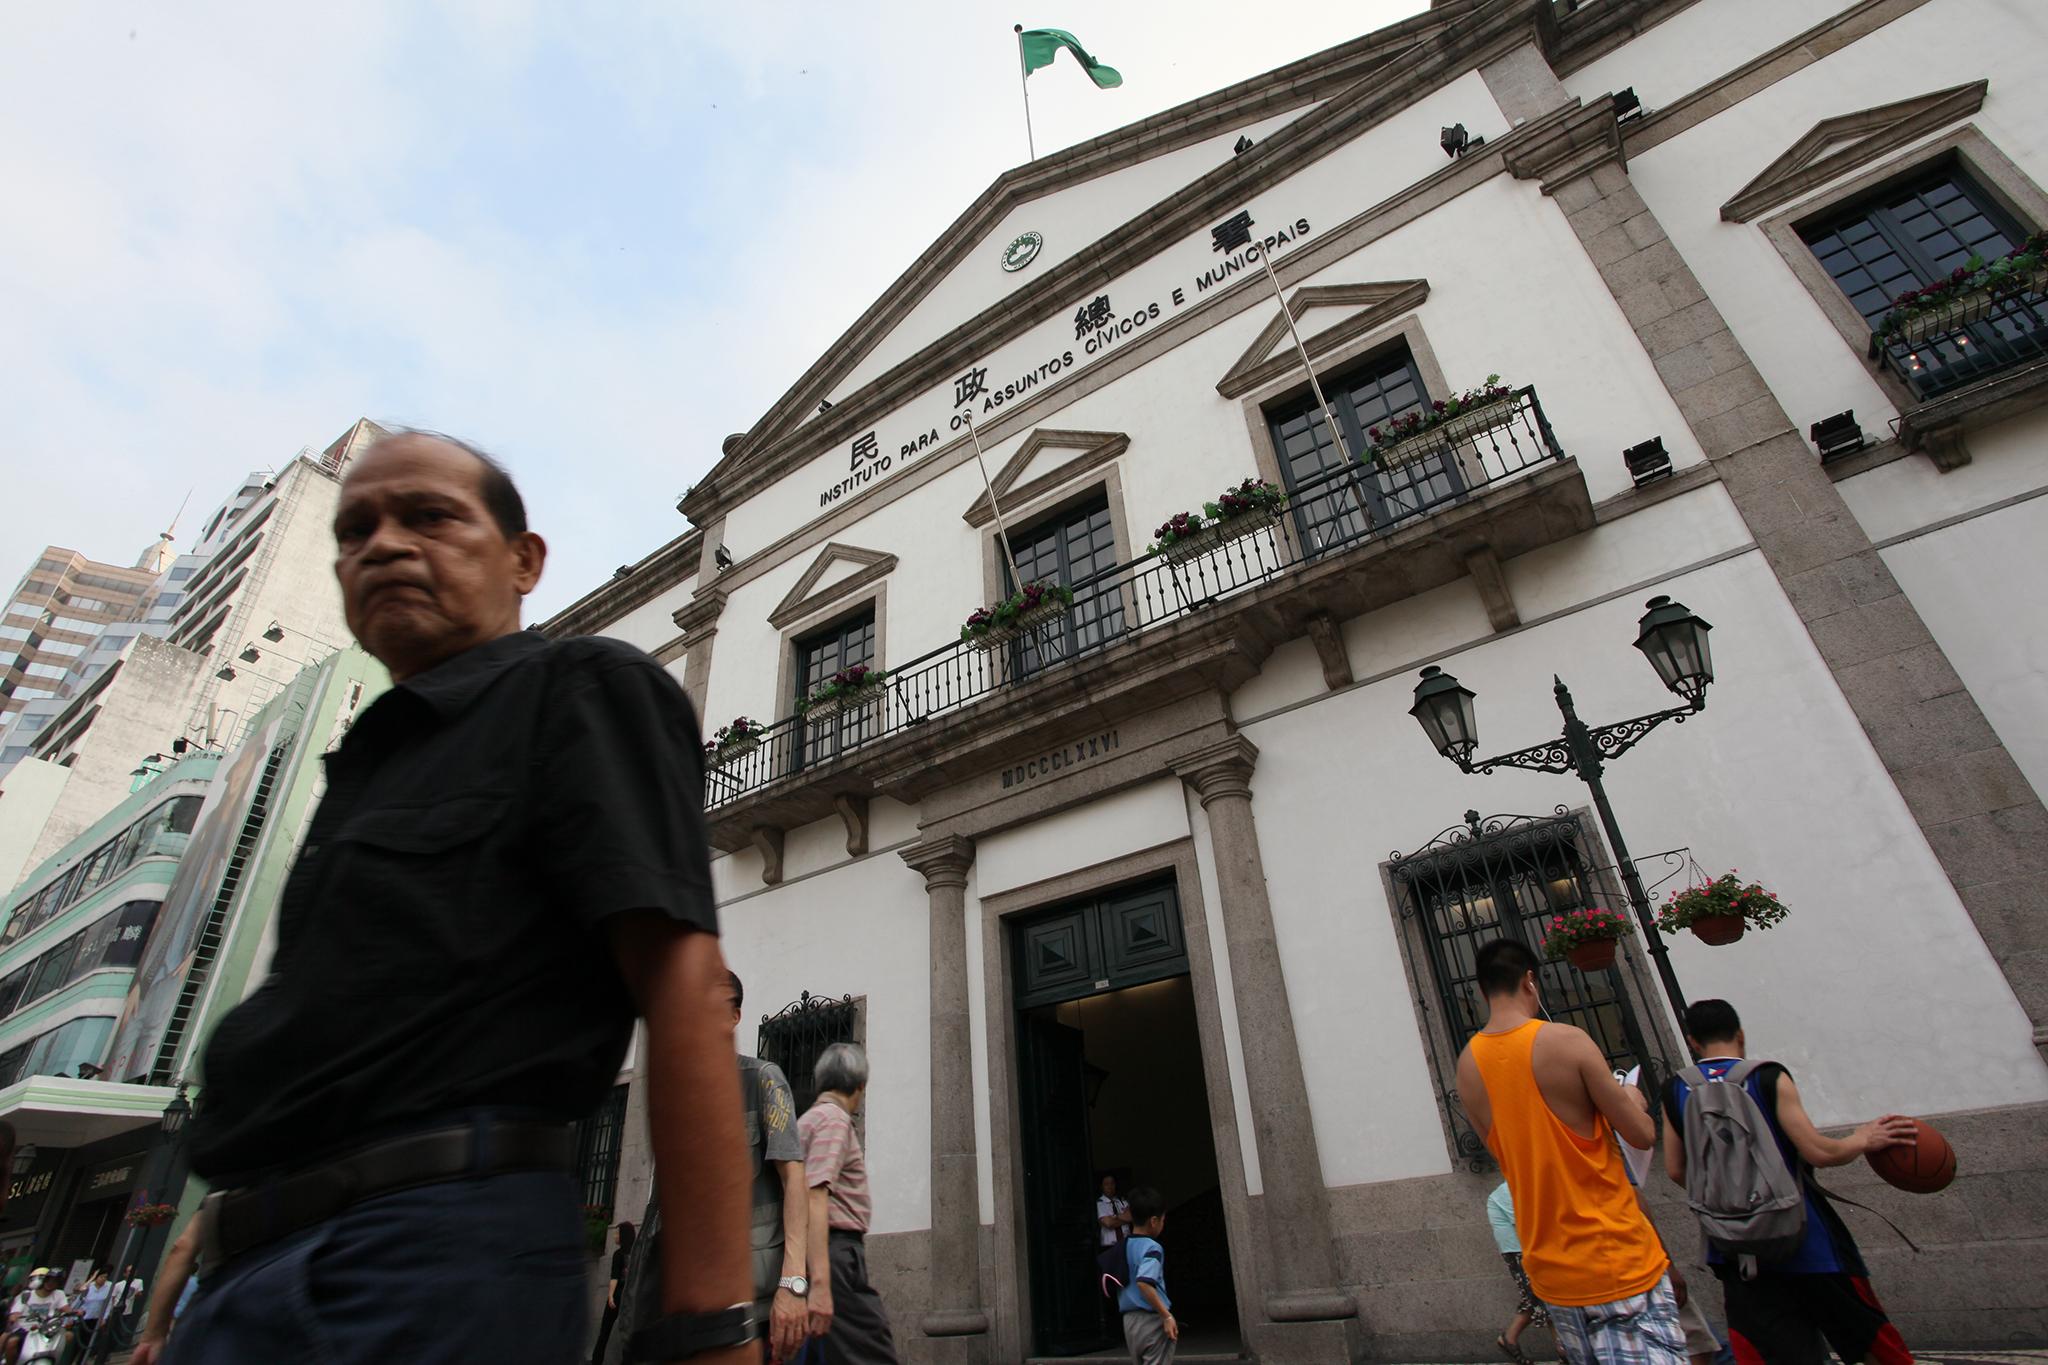 Associações apoiam órgão municipal sem poder político